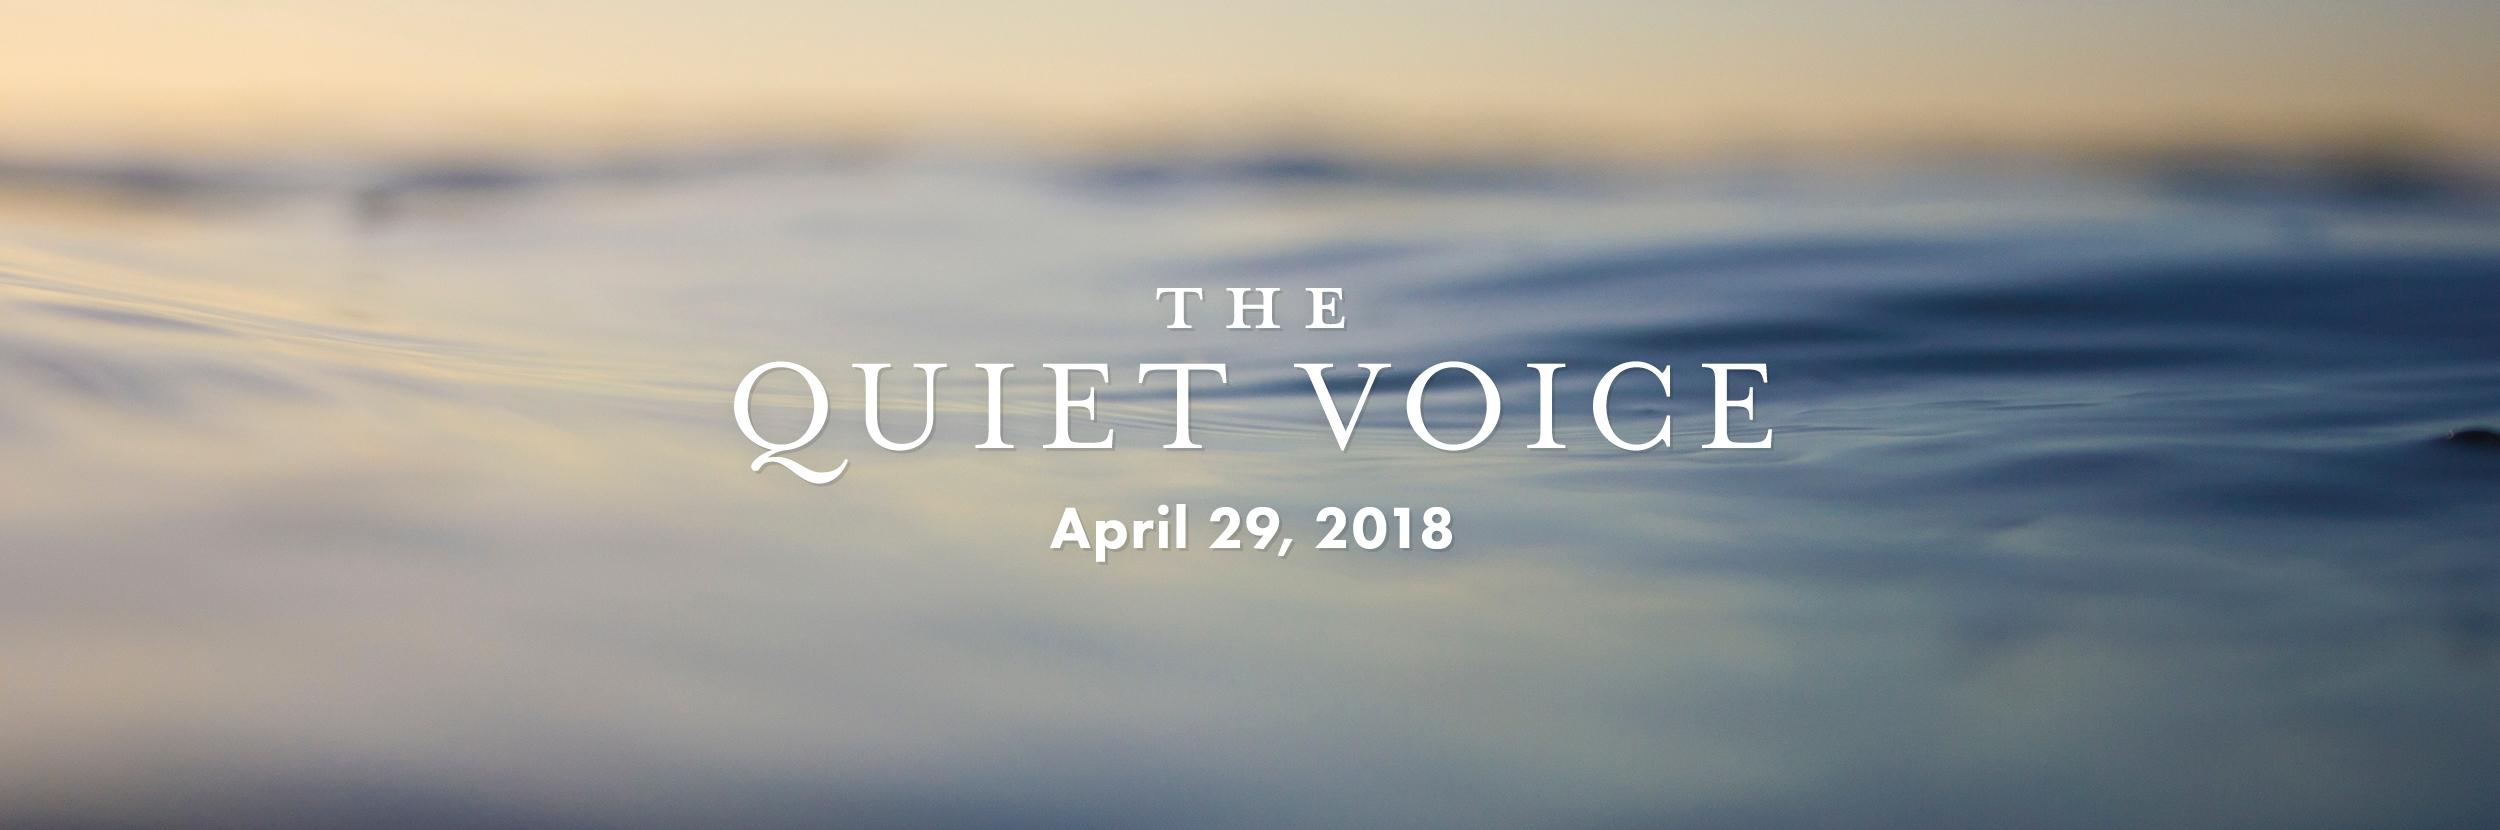 042918-The-Quiet-Voice-Banner.jpg